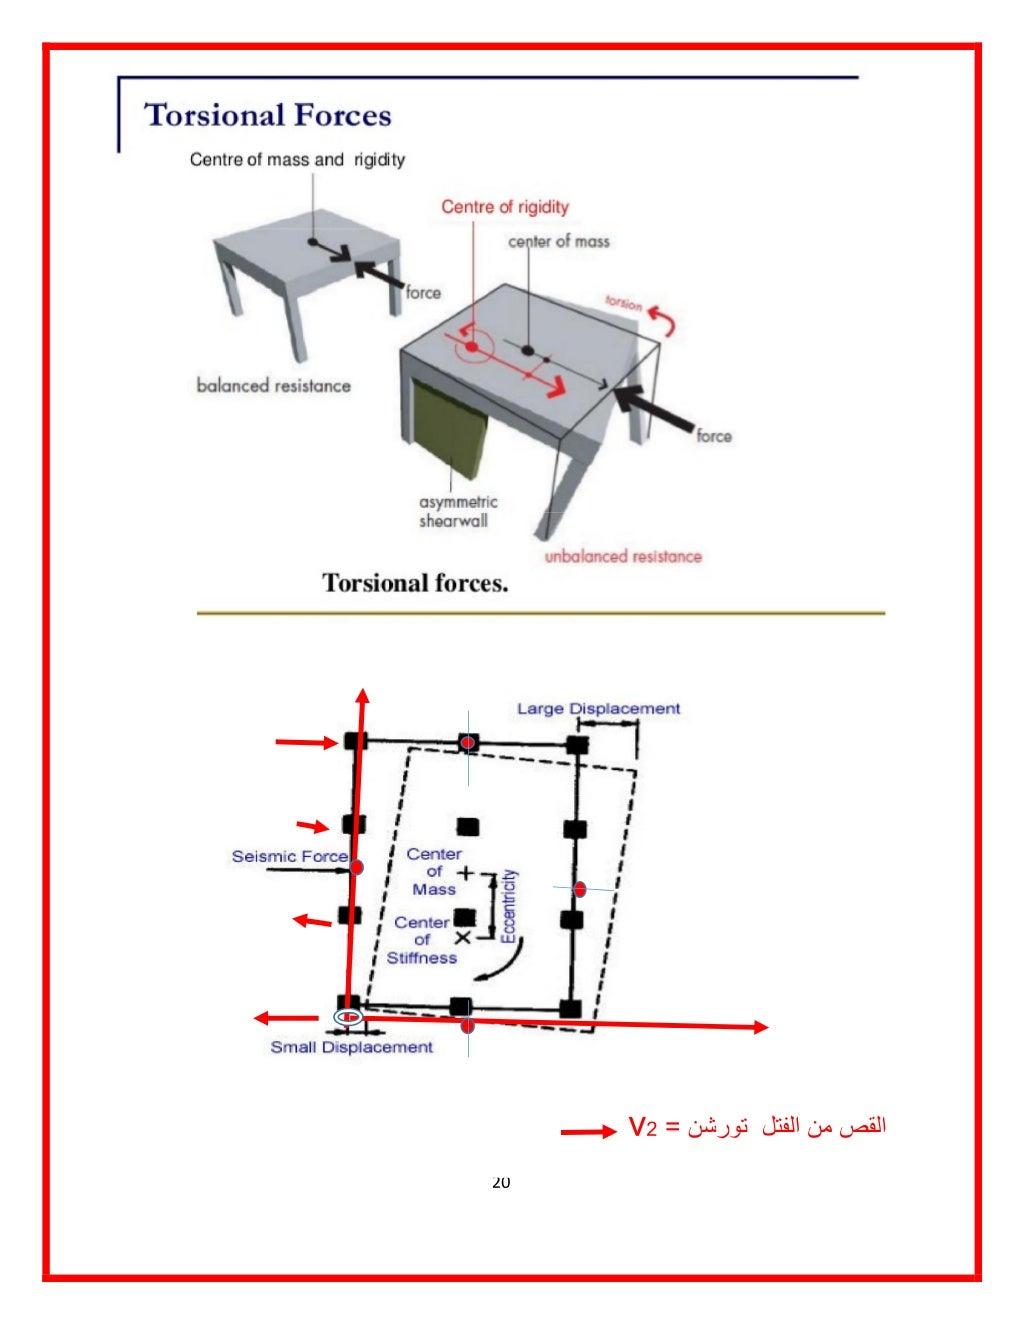 manual-designed-for-seismic-resistance-frames-moment-portals-method-20-1024.jpg